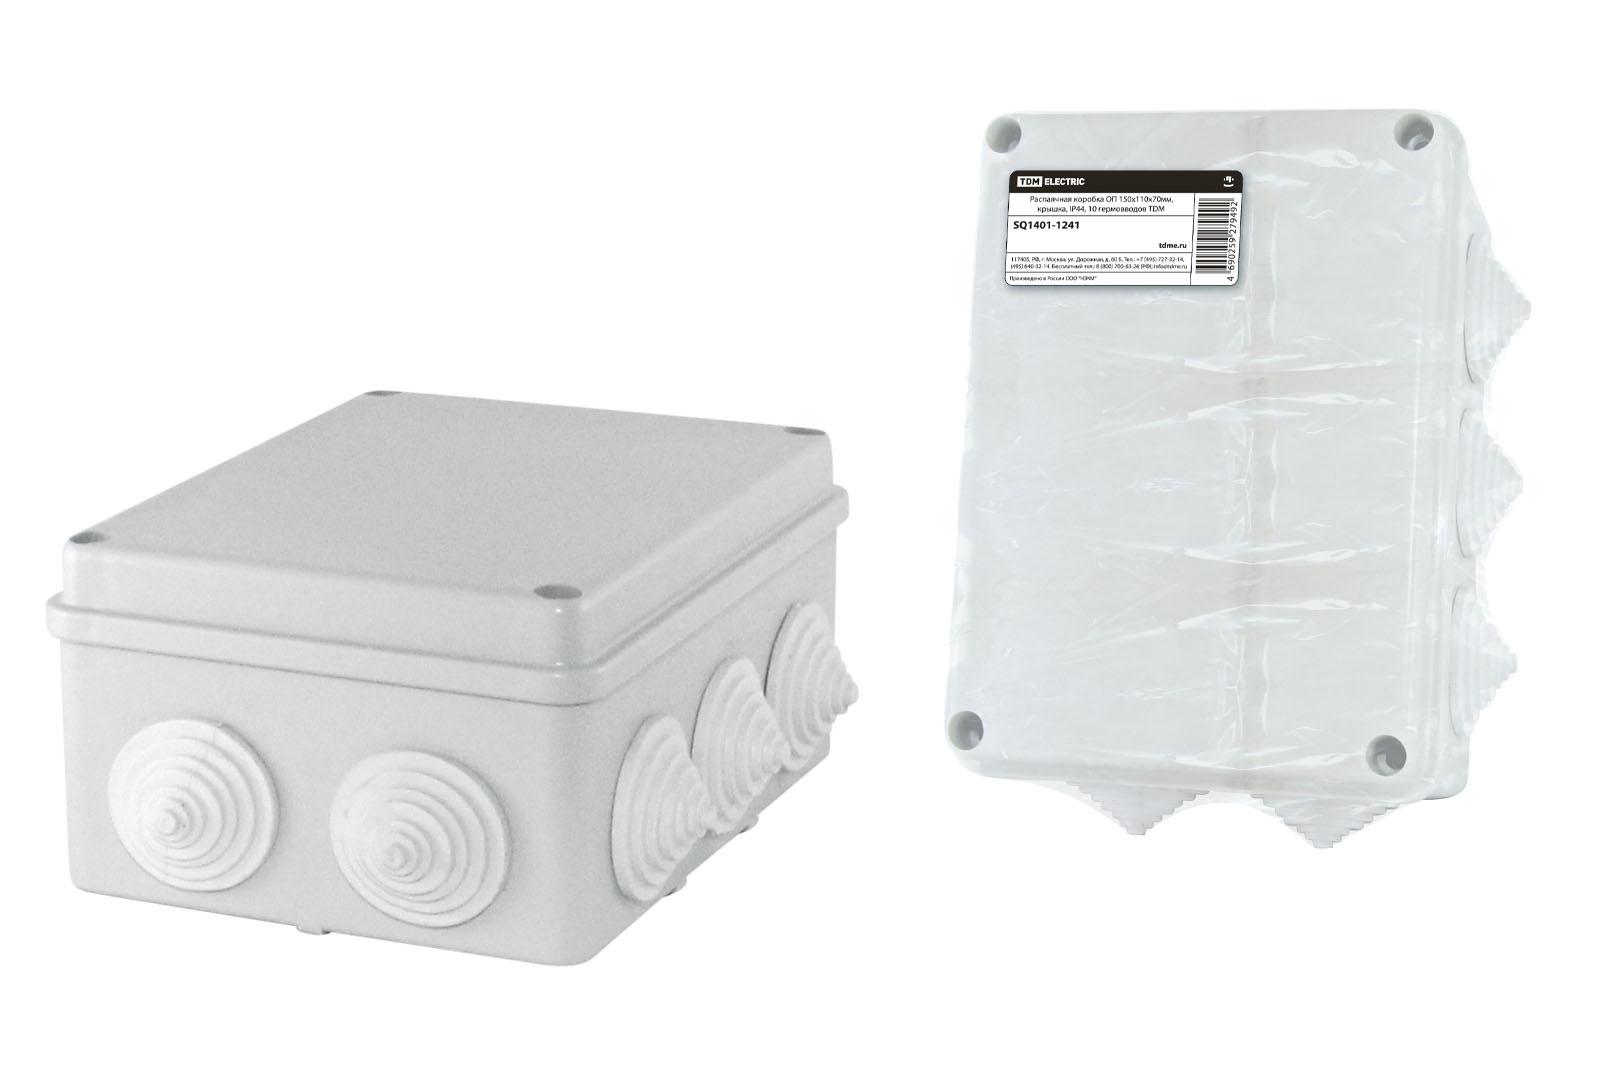 Коробка распаячная Tdm Sq1401-1241 распаячная коробка с крышкой оп 190х140х70мм ip44 10 гермовводов tdm sq1401 1243